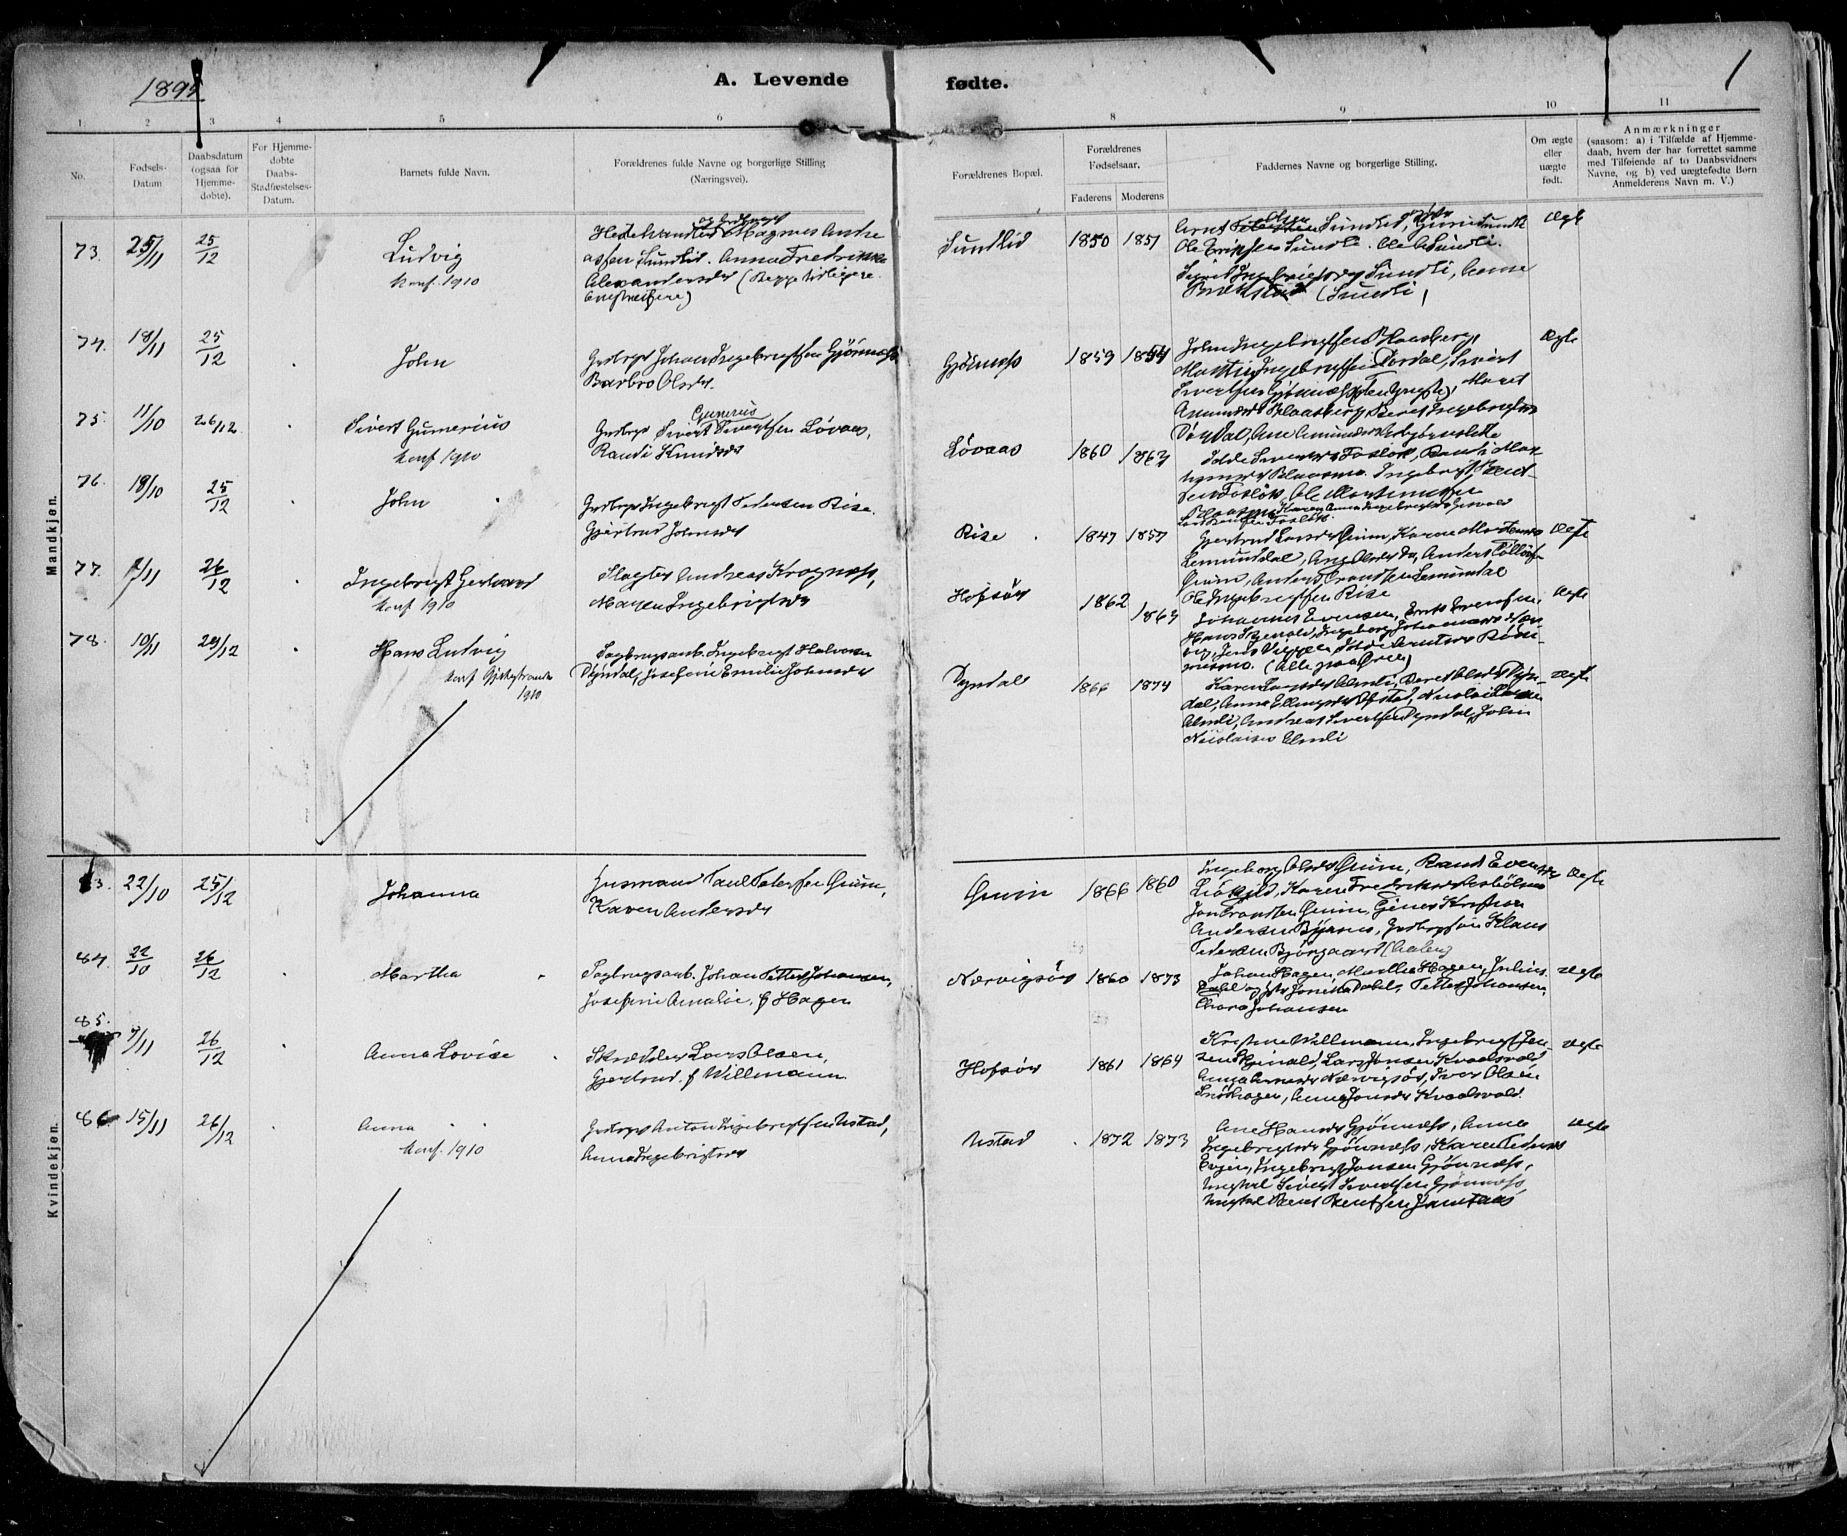 SAT, Ministerialprotokoller, klokkerbøker og fødselsregistre - Sør-Trøndelag, 668/L0811: Ministerialbok nr. 668A11, 1894-1913, s. 1